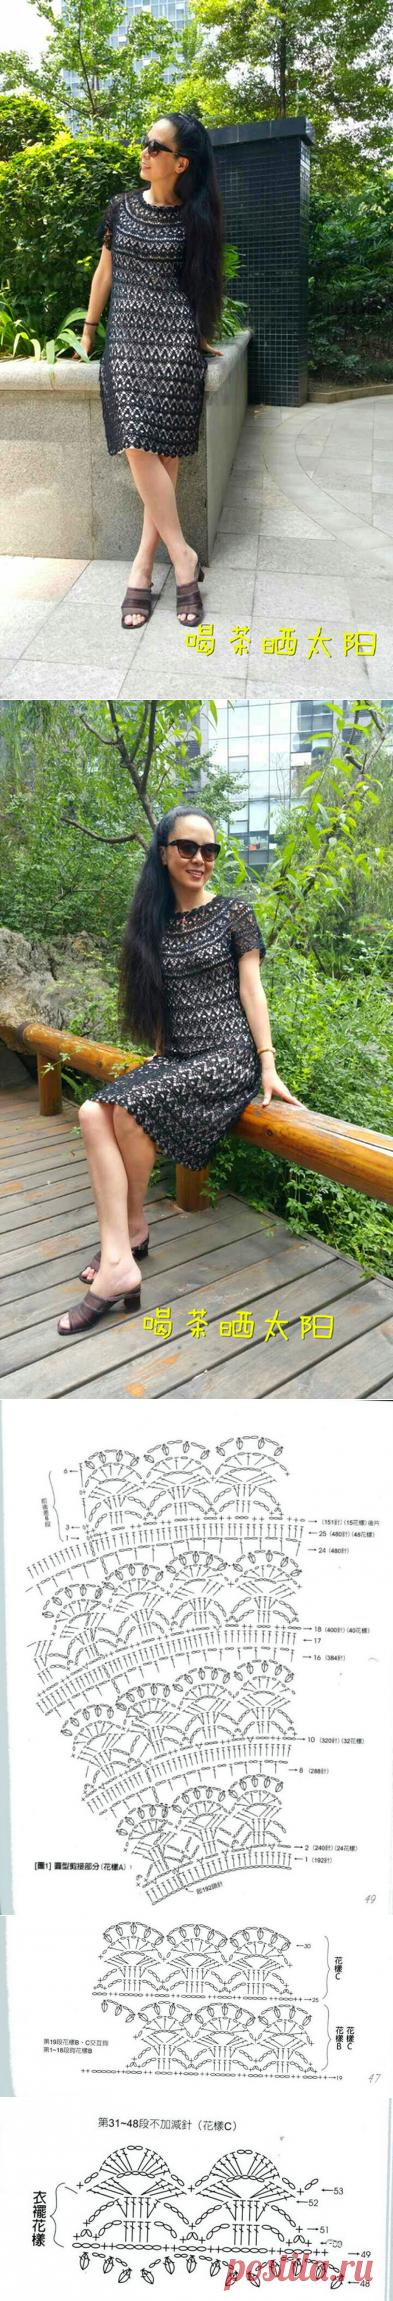 Ажурное платье из азиатского журнала